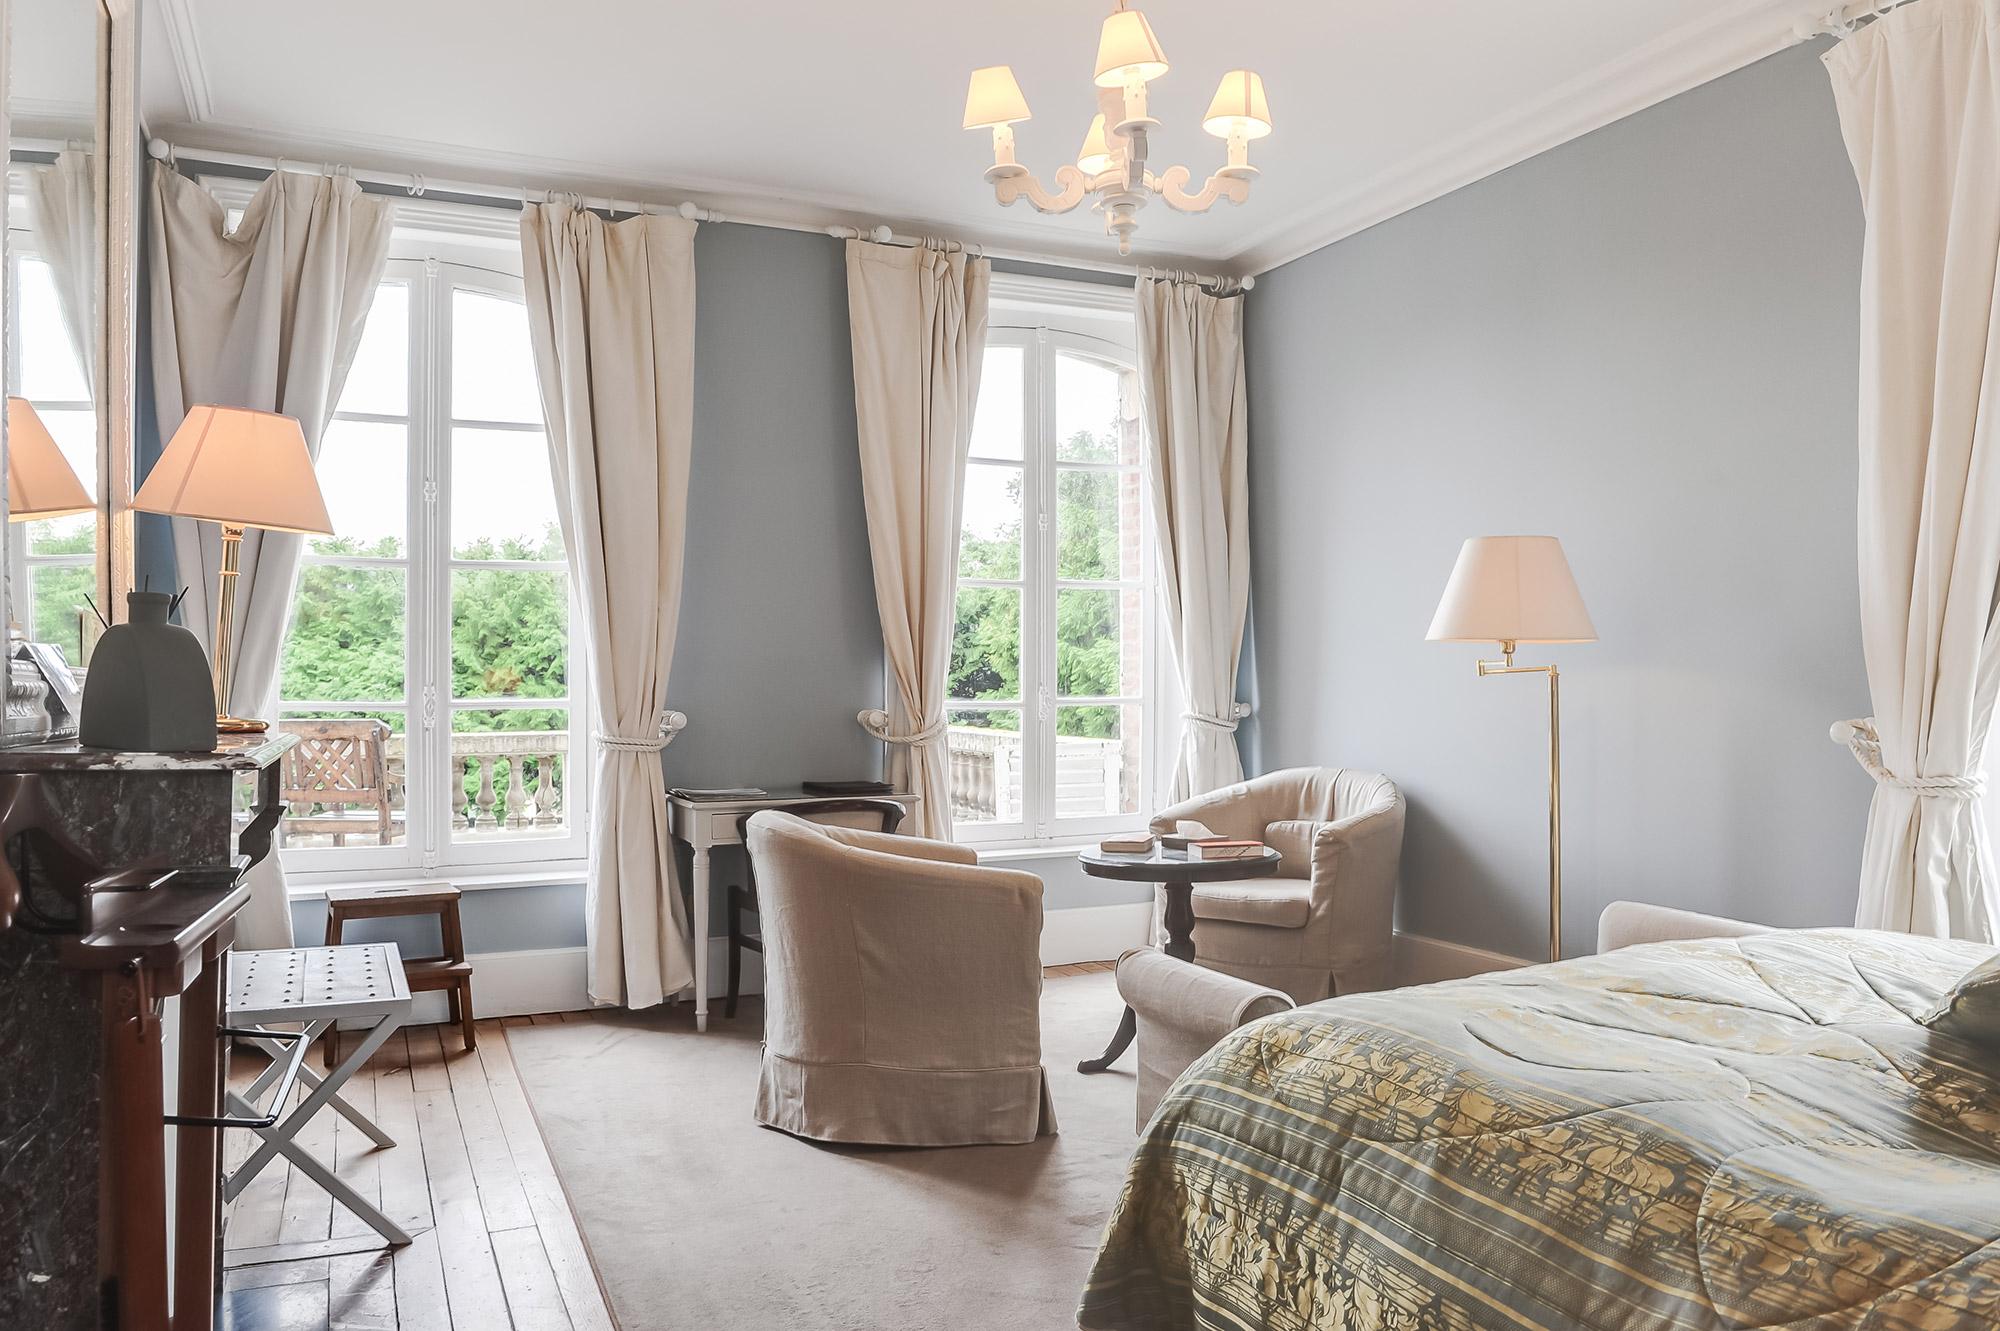 Chambre d'hôtel avec lit double et petit salon.